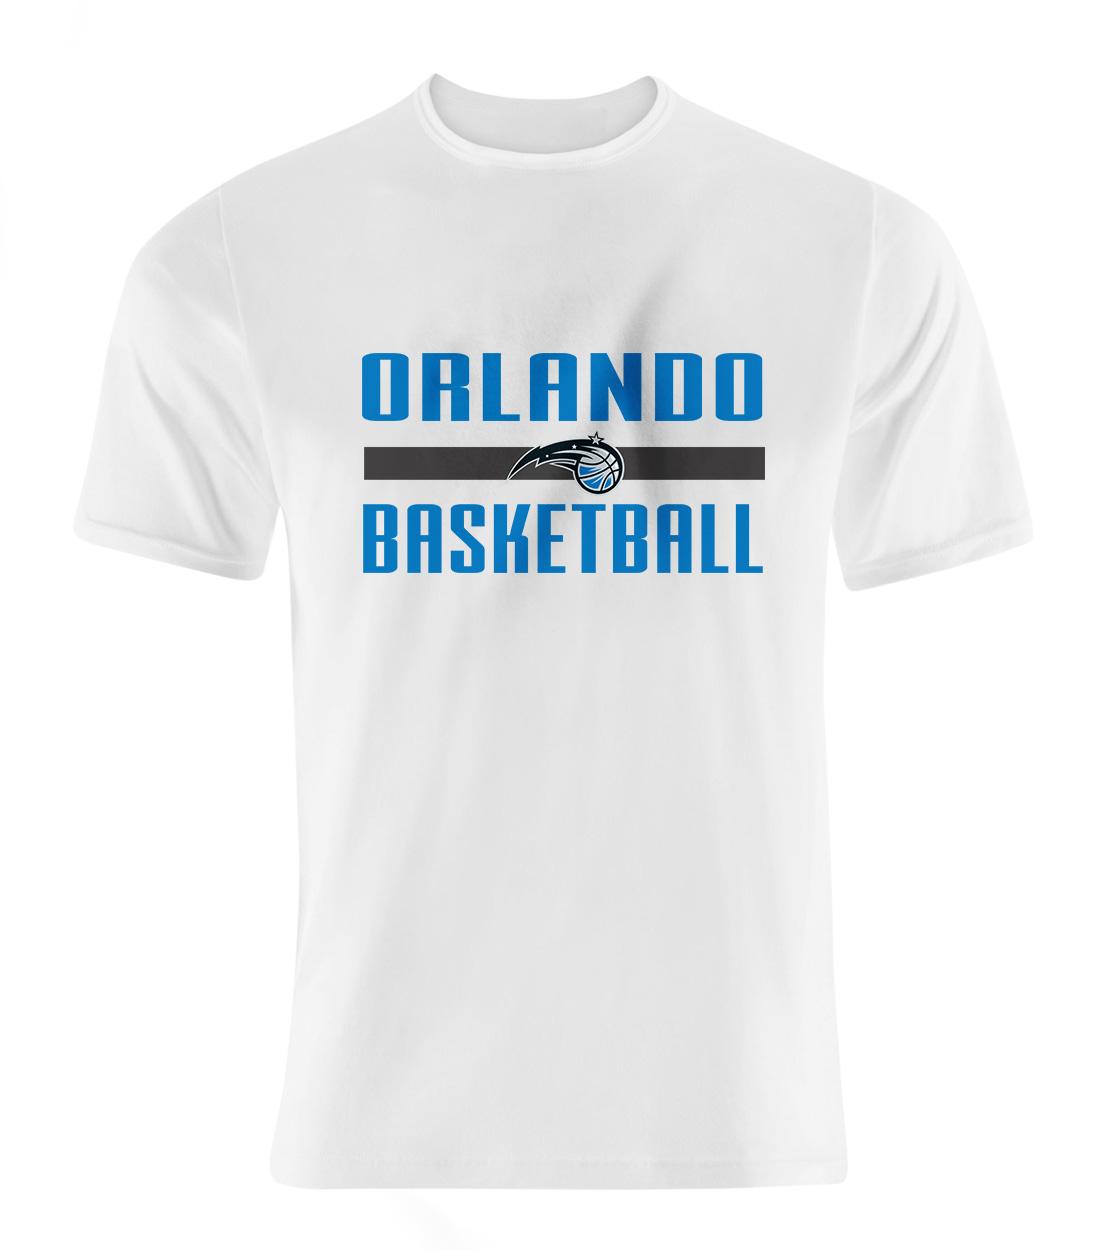 Orlando Basketball Tshirt (TSH-WHT-442-orl.bsktbll)